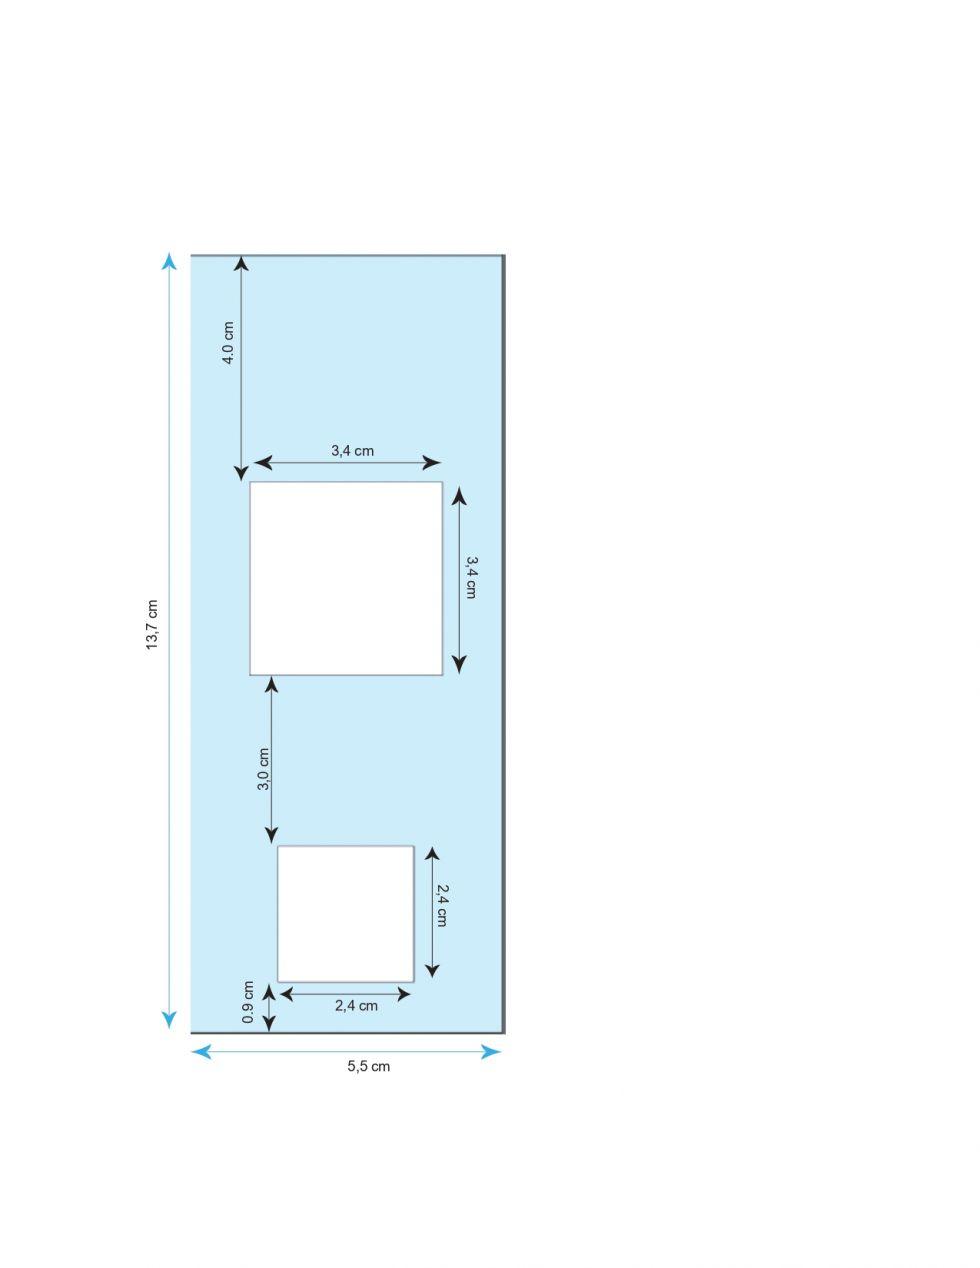 Medidas de las diferentes secciones de la papeleta. TED